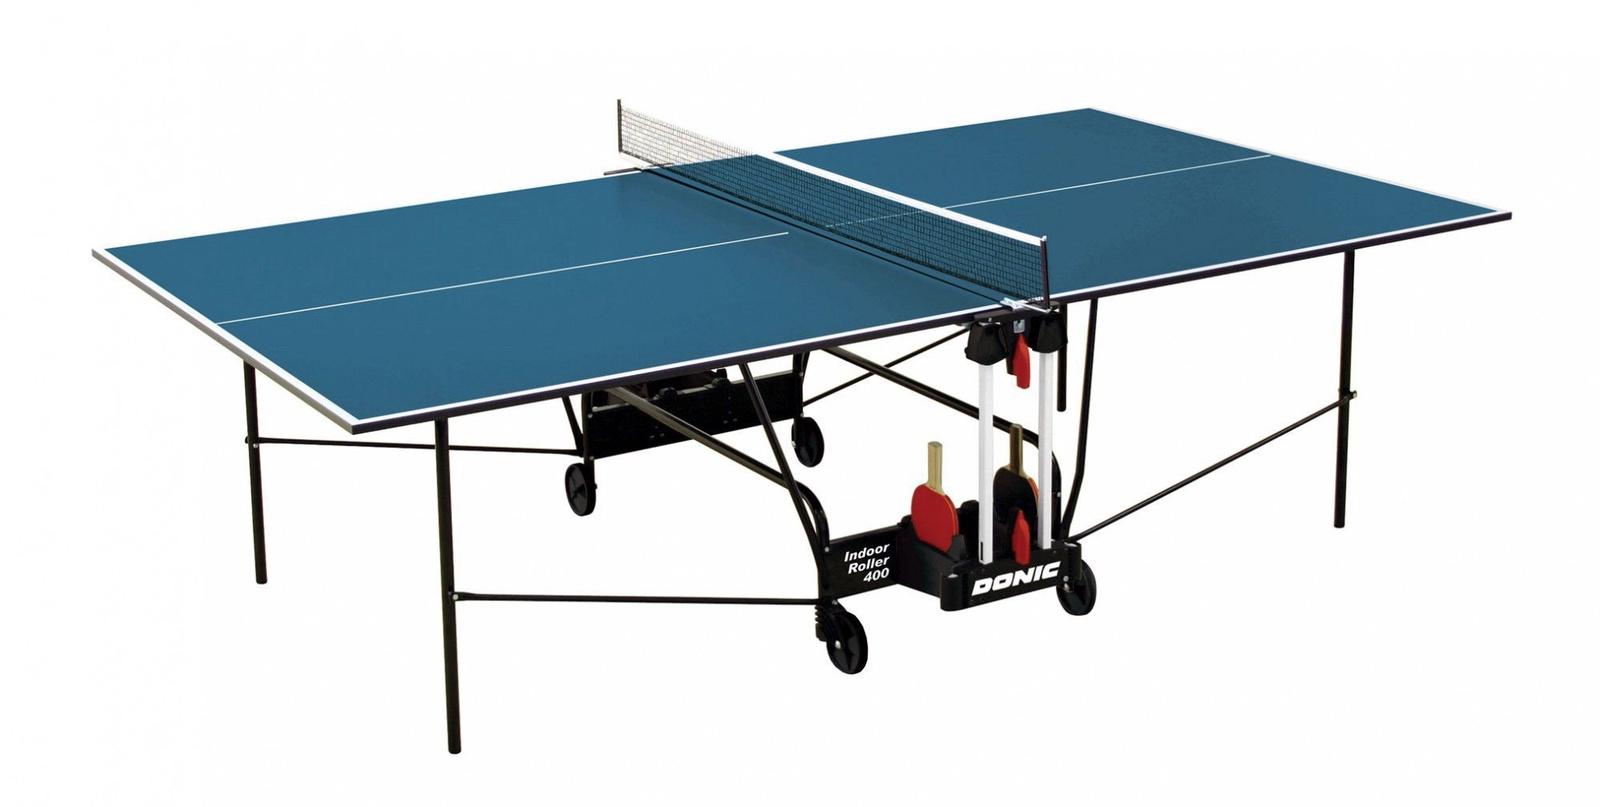 Теннисный стол Donic 230284-B, синий